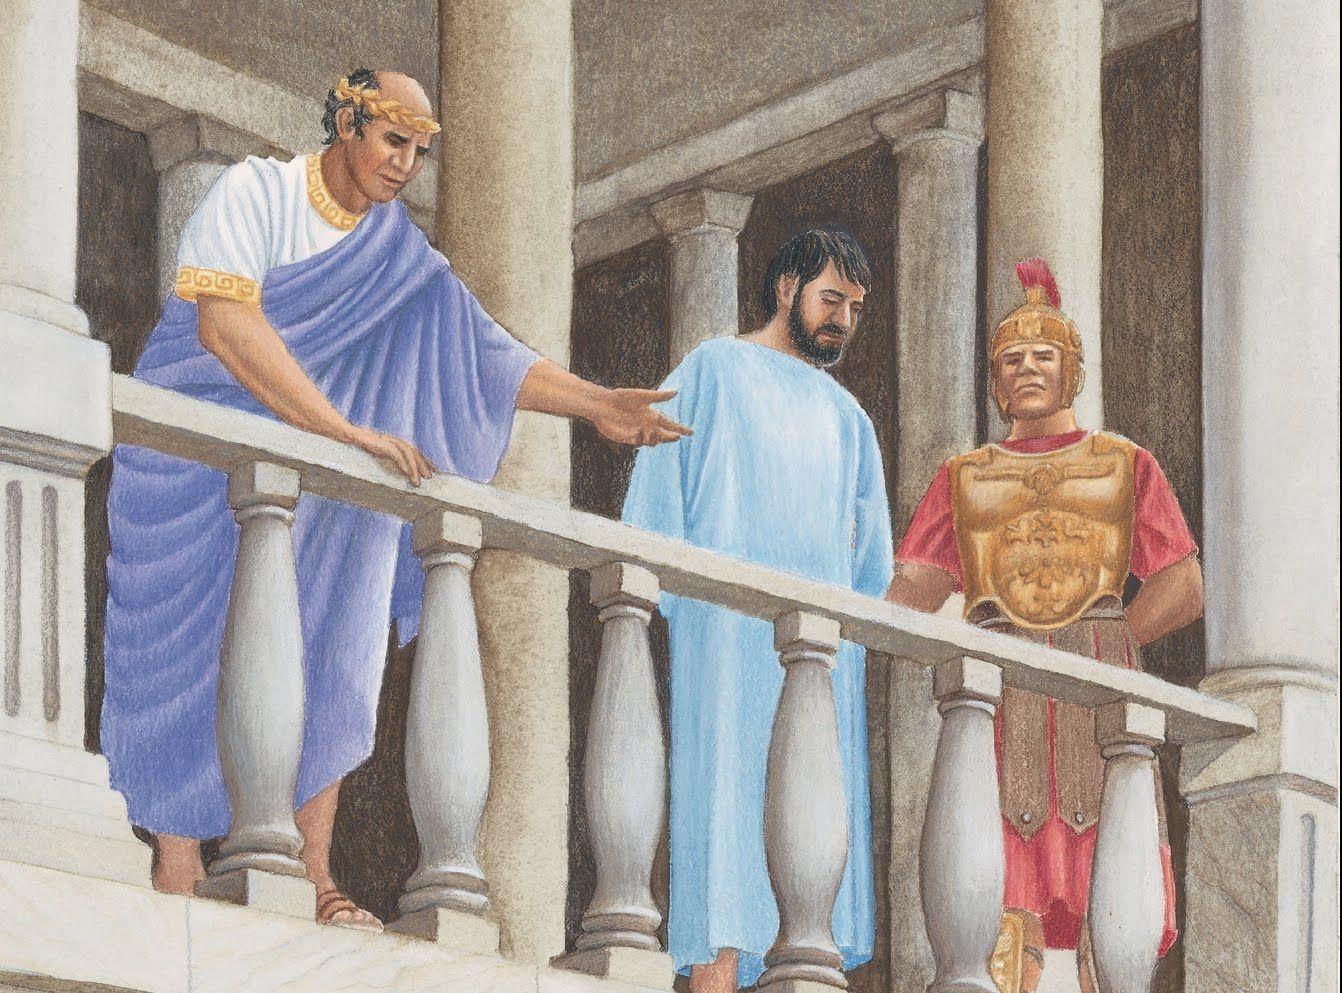 87 - ישוע נידון למוות